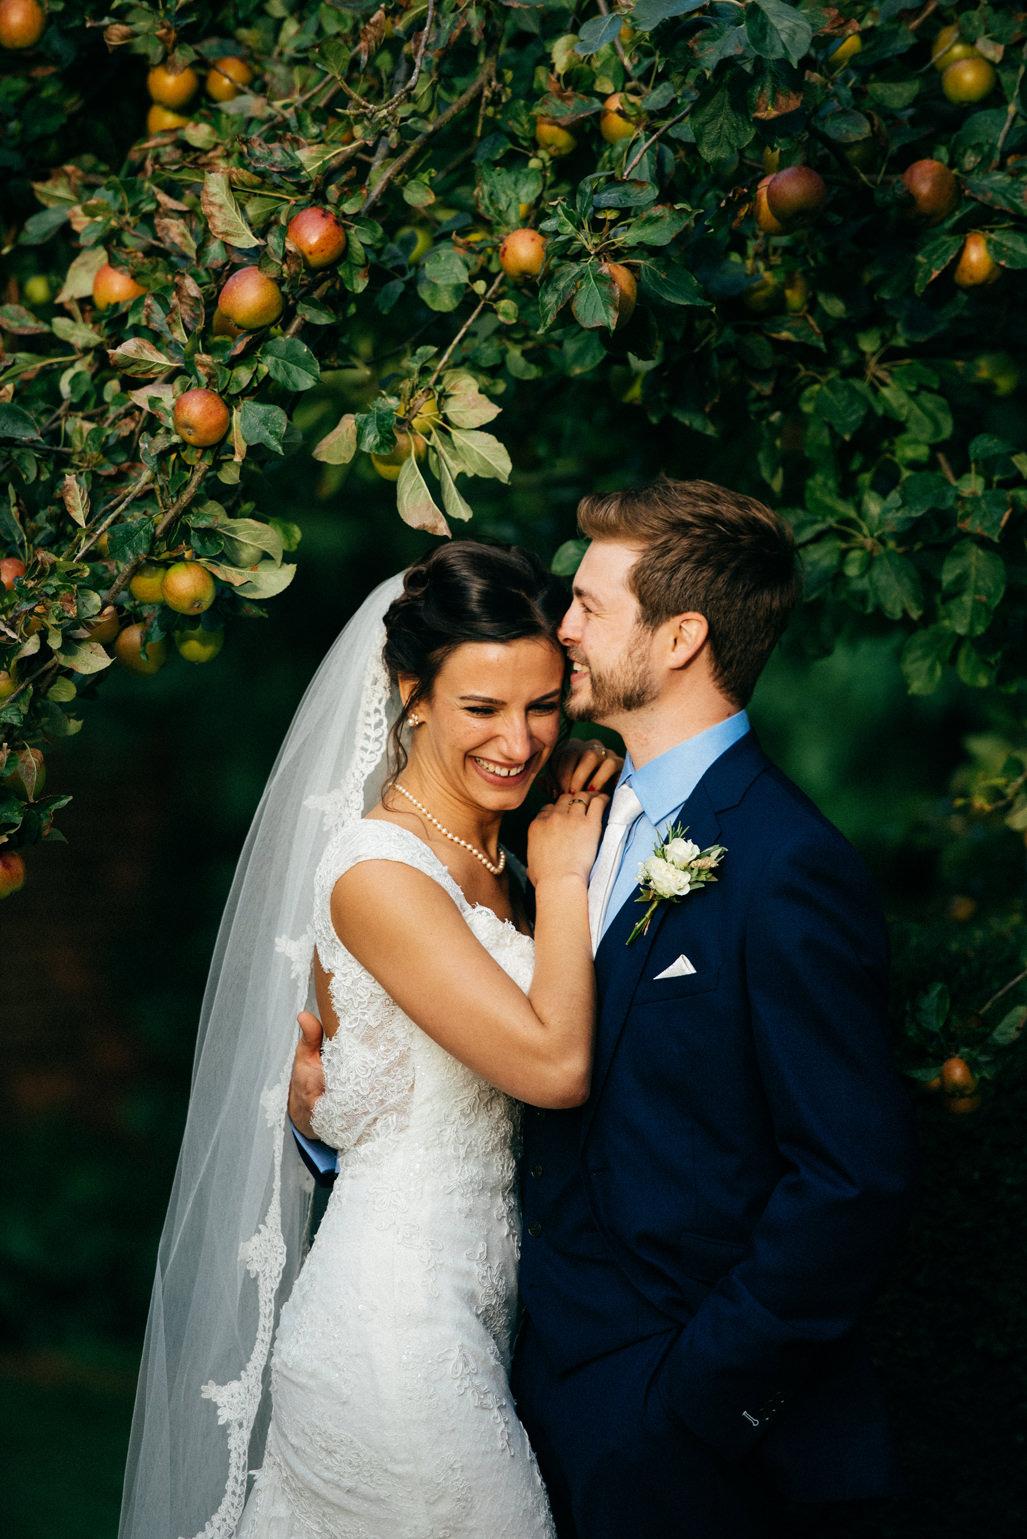 nottingham-relaxed-wedding-photographer009.jpg